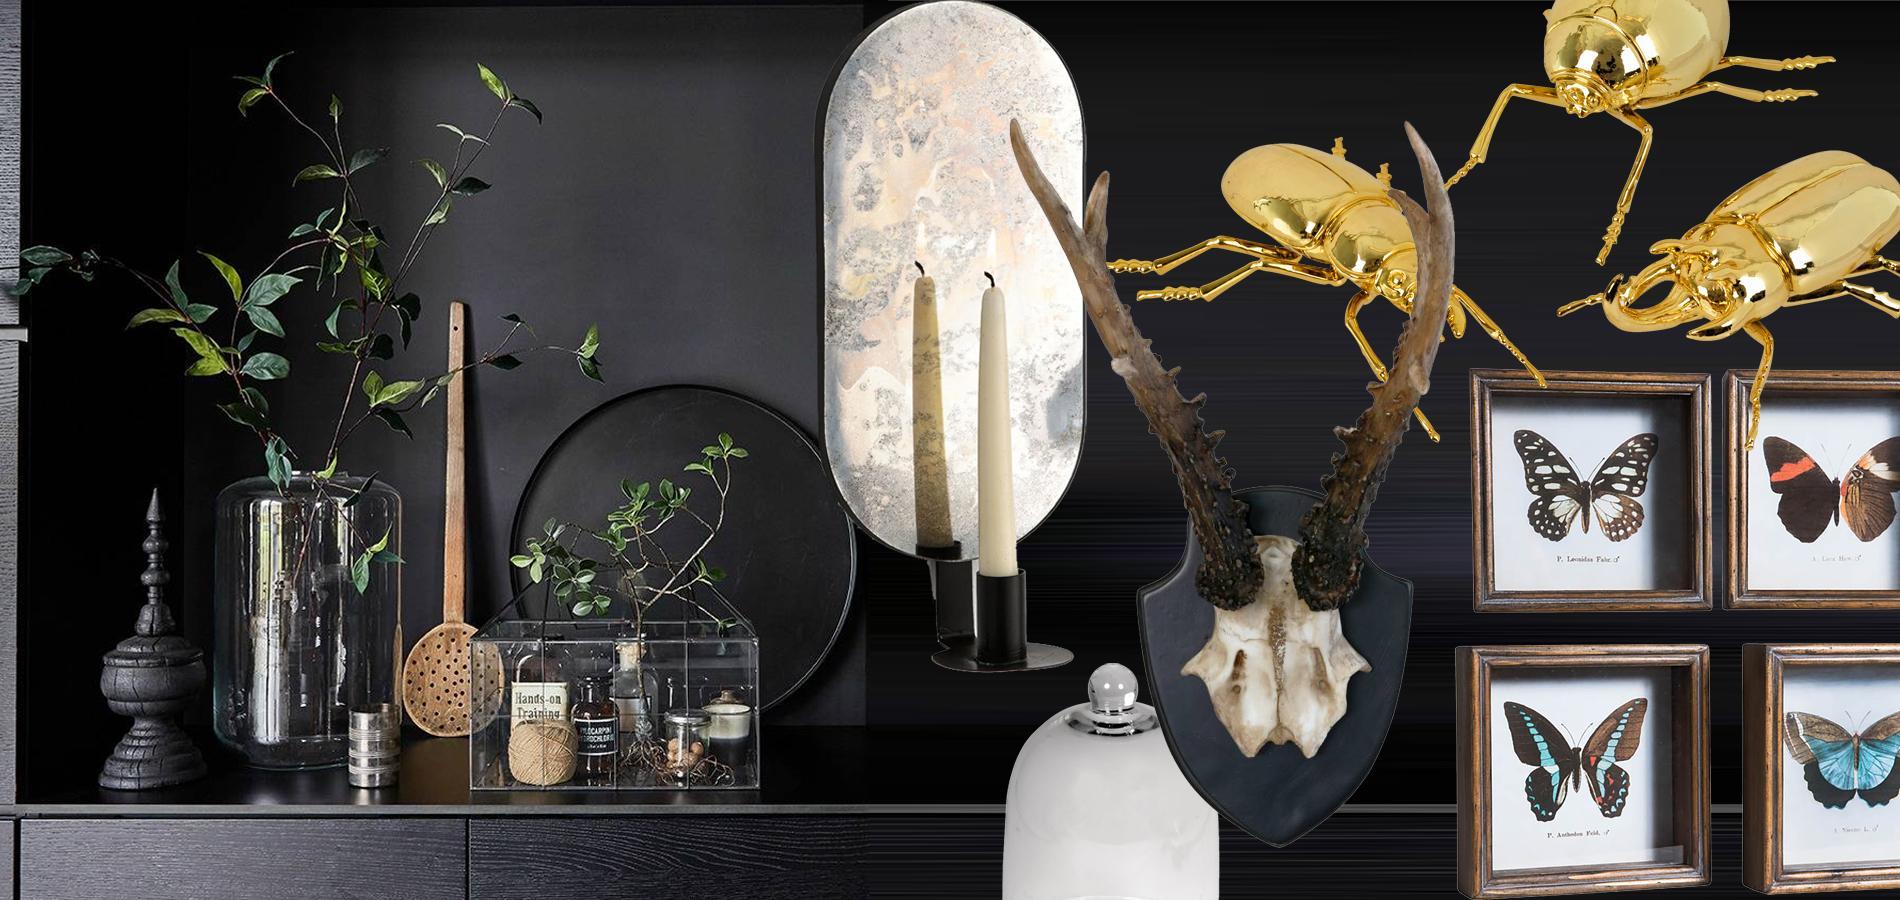 vingt objets d co pour un cabinet de curiosit s petit prix madame figaro. Black Bedroom Furniture Sets. Home Design Ideas